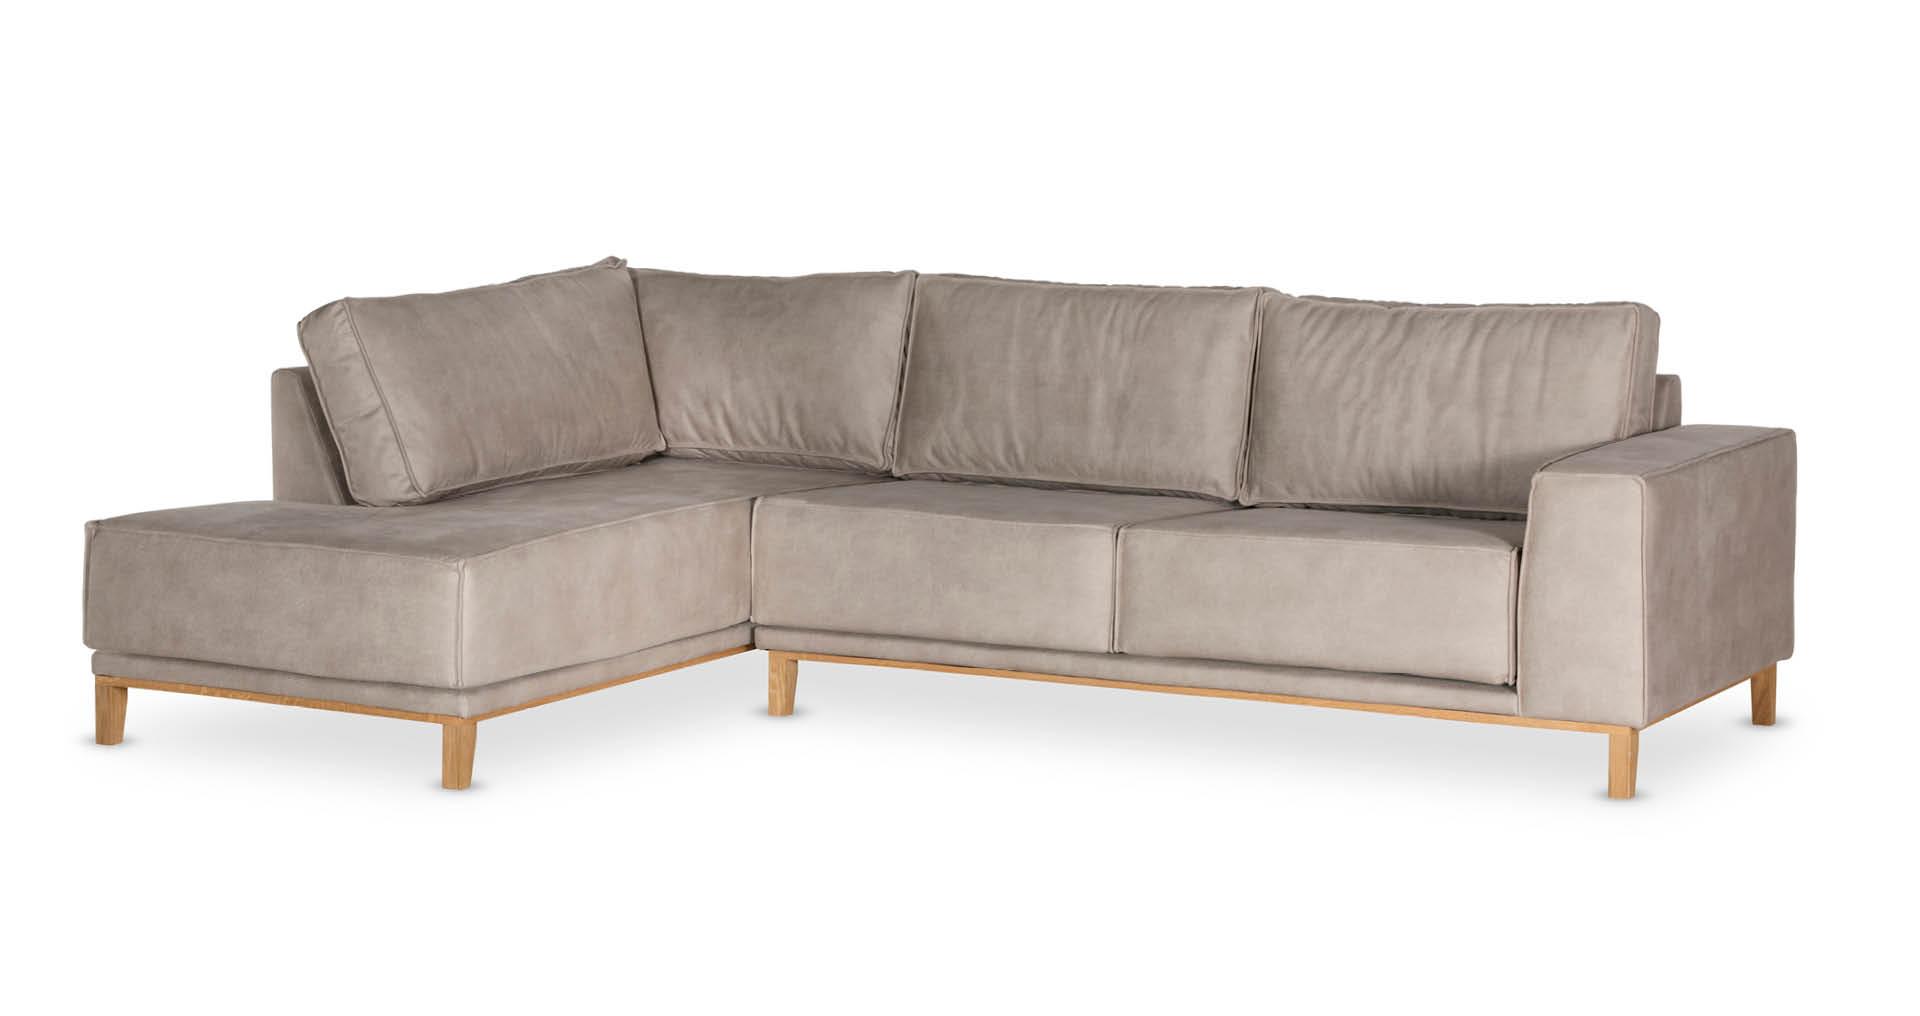 """ספה פינתית ויקלייט צד שמאל 300 ס""""מ בגוון אבן כורכר"""